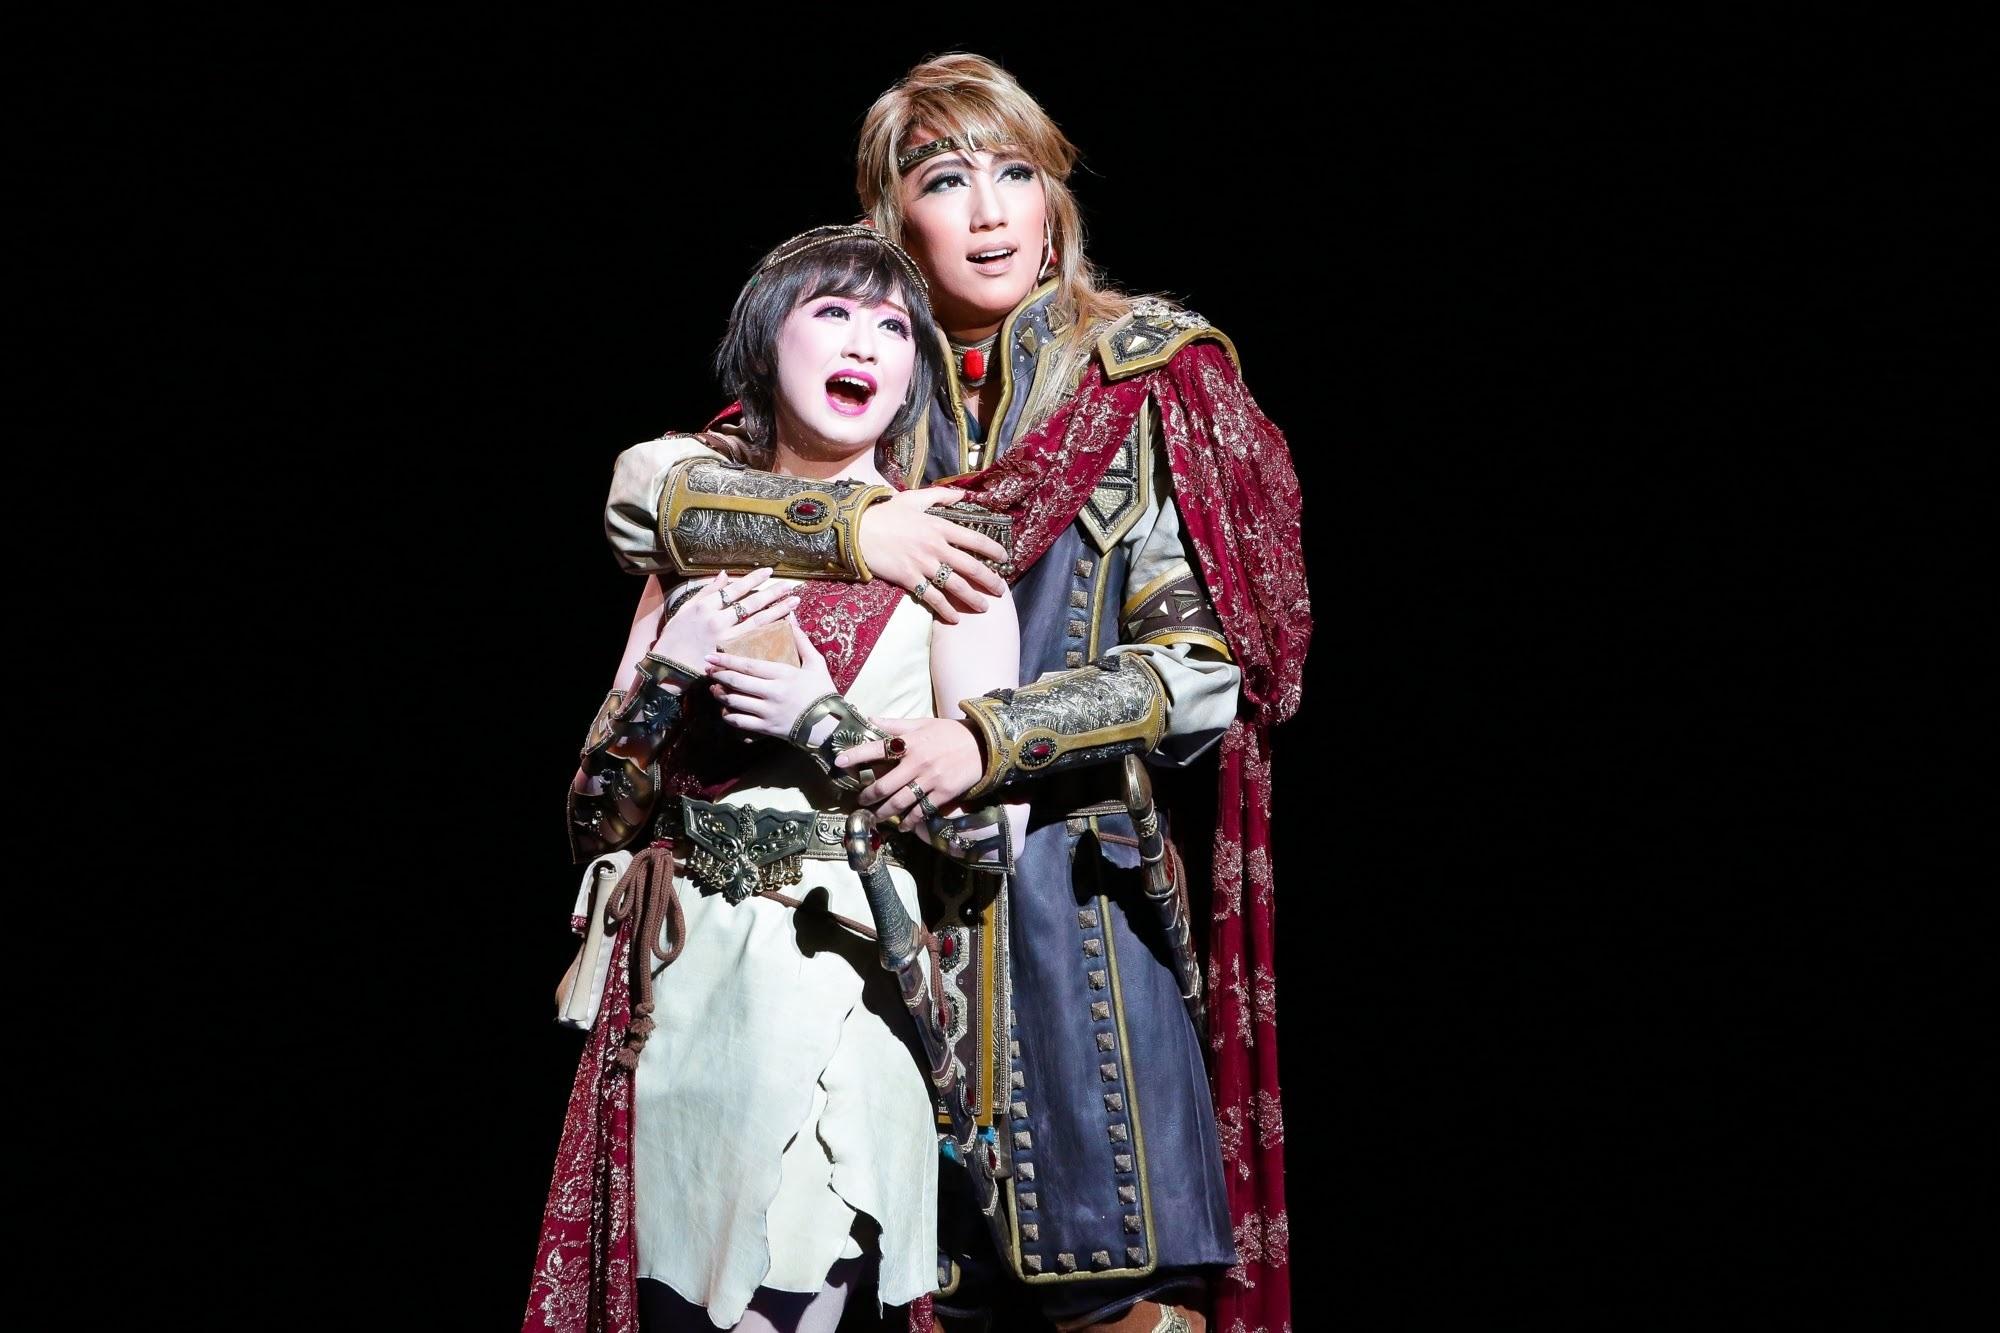 ミュージカル・オリエント『天(そら)は赤い河のほとり』撮影:森好弘 (c)宝塚歌劇団